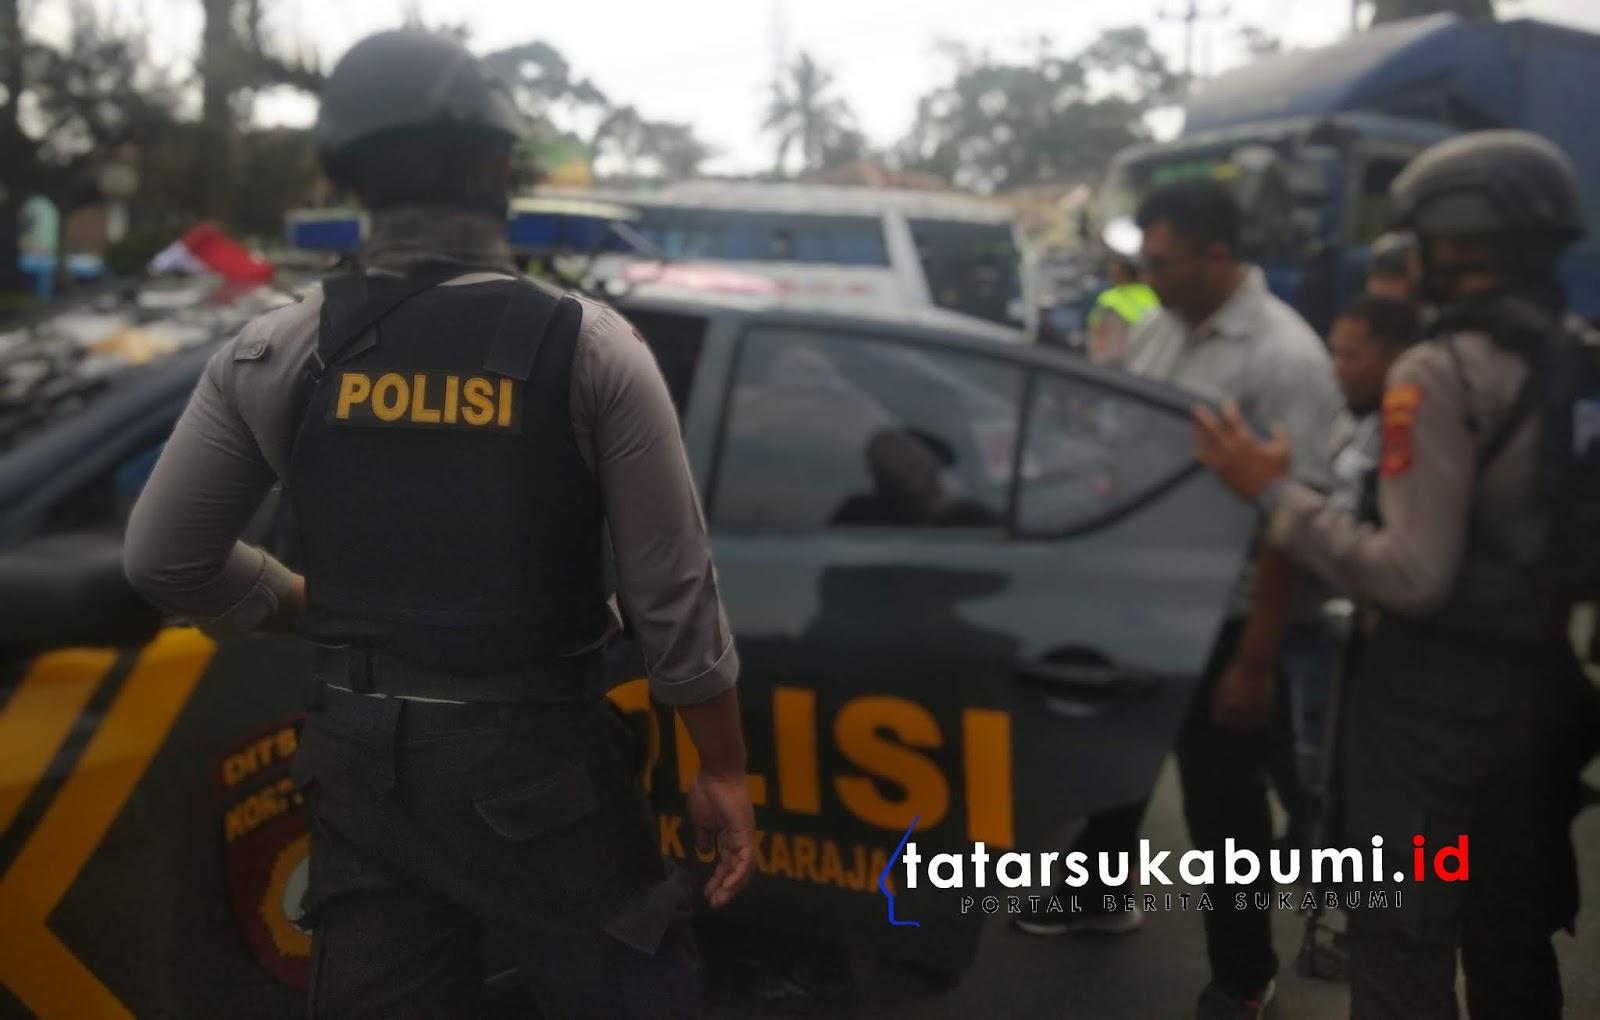 2 Pelaku Pembacokan Pelajar di Sukabumi Ditangkap 1 Buron